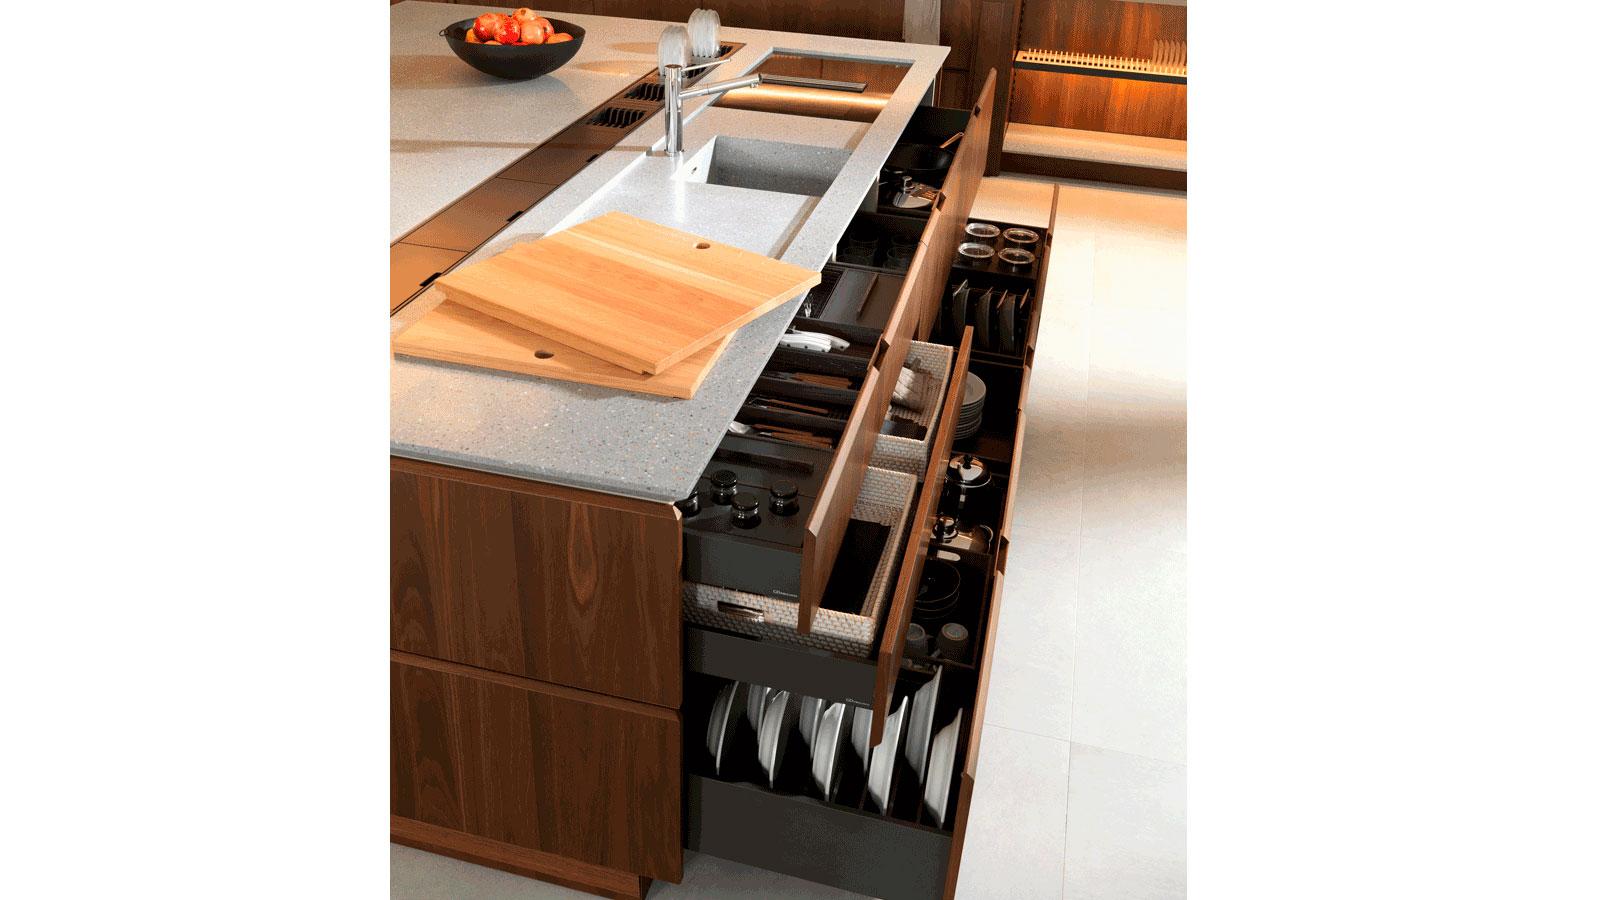 muebles-de-cocina-modernos-lujo-almacenaje-interior-cocinas-madrid-21